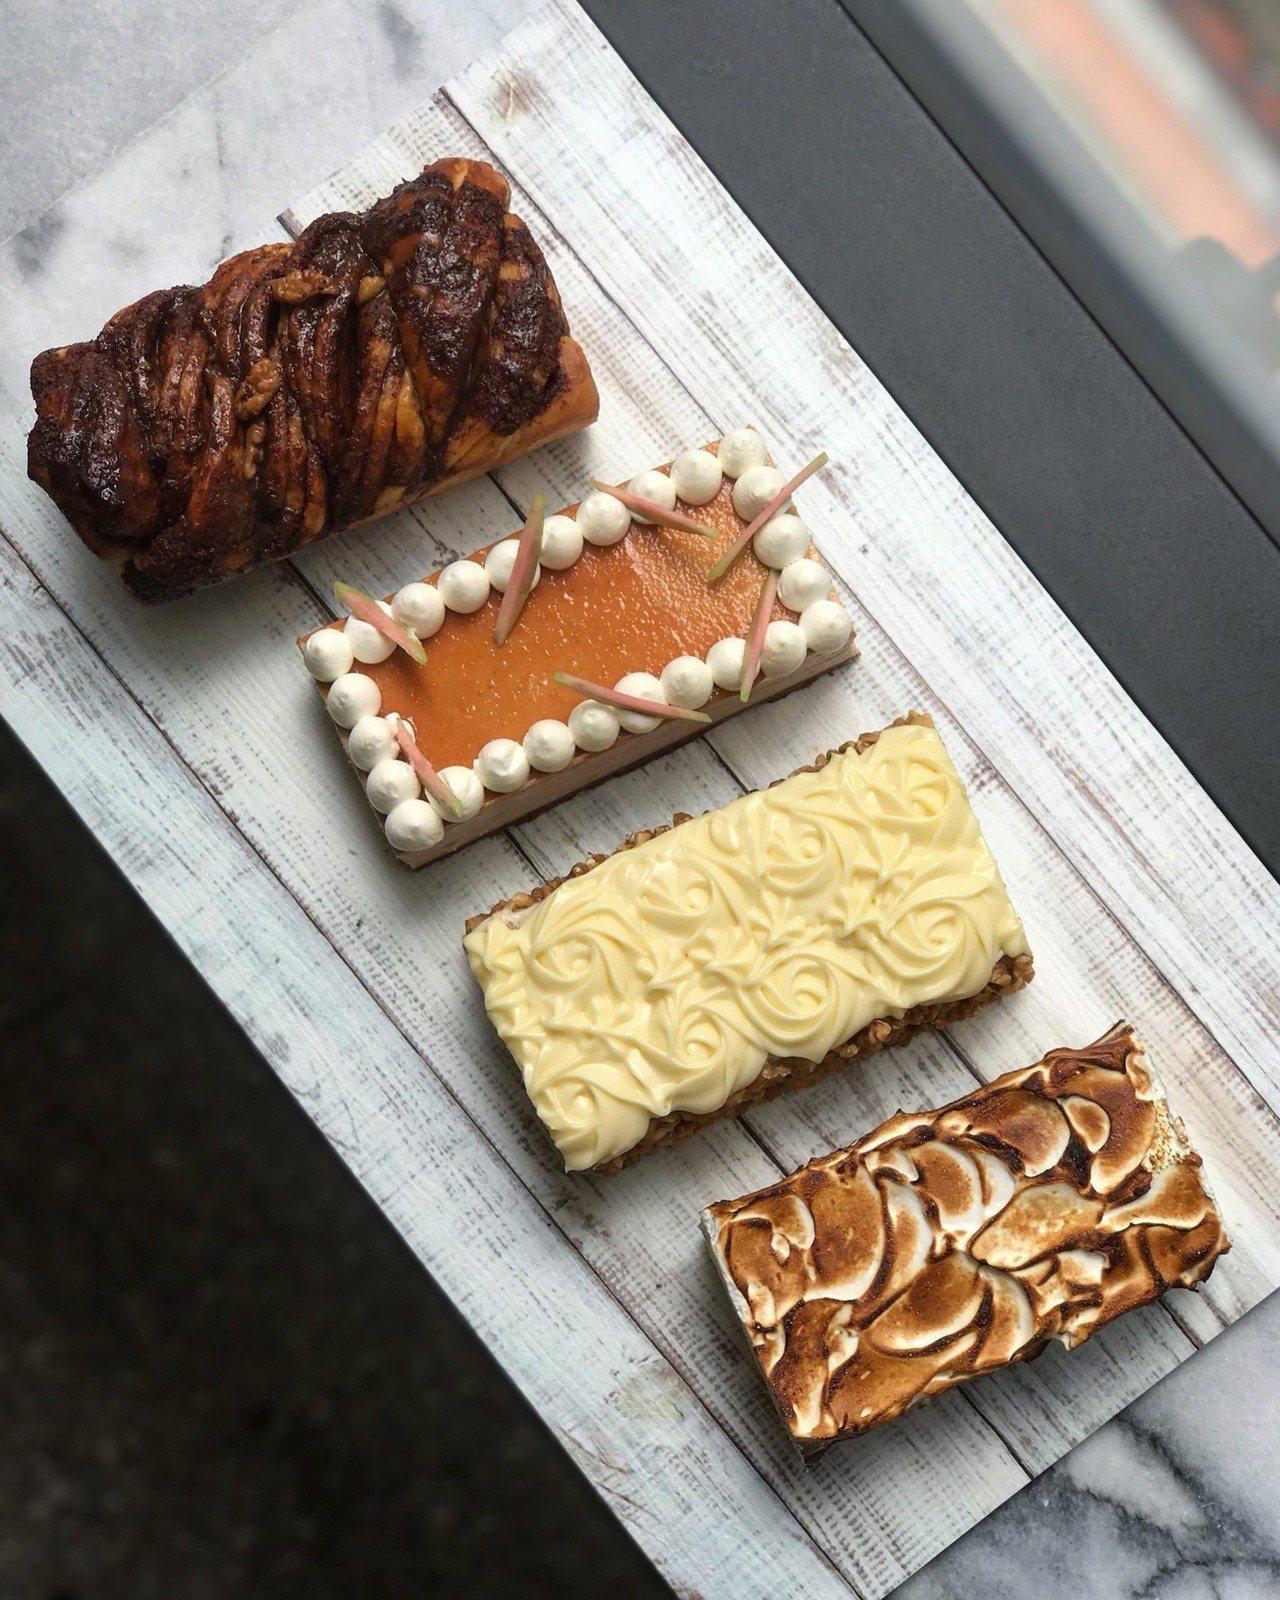 《秋日‧豐收市集》獨家口味南瓜紐約起司蛋糕、南瓜肉桂條。圖/麗晶精品提供